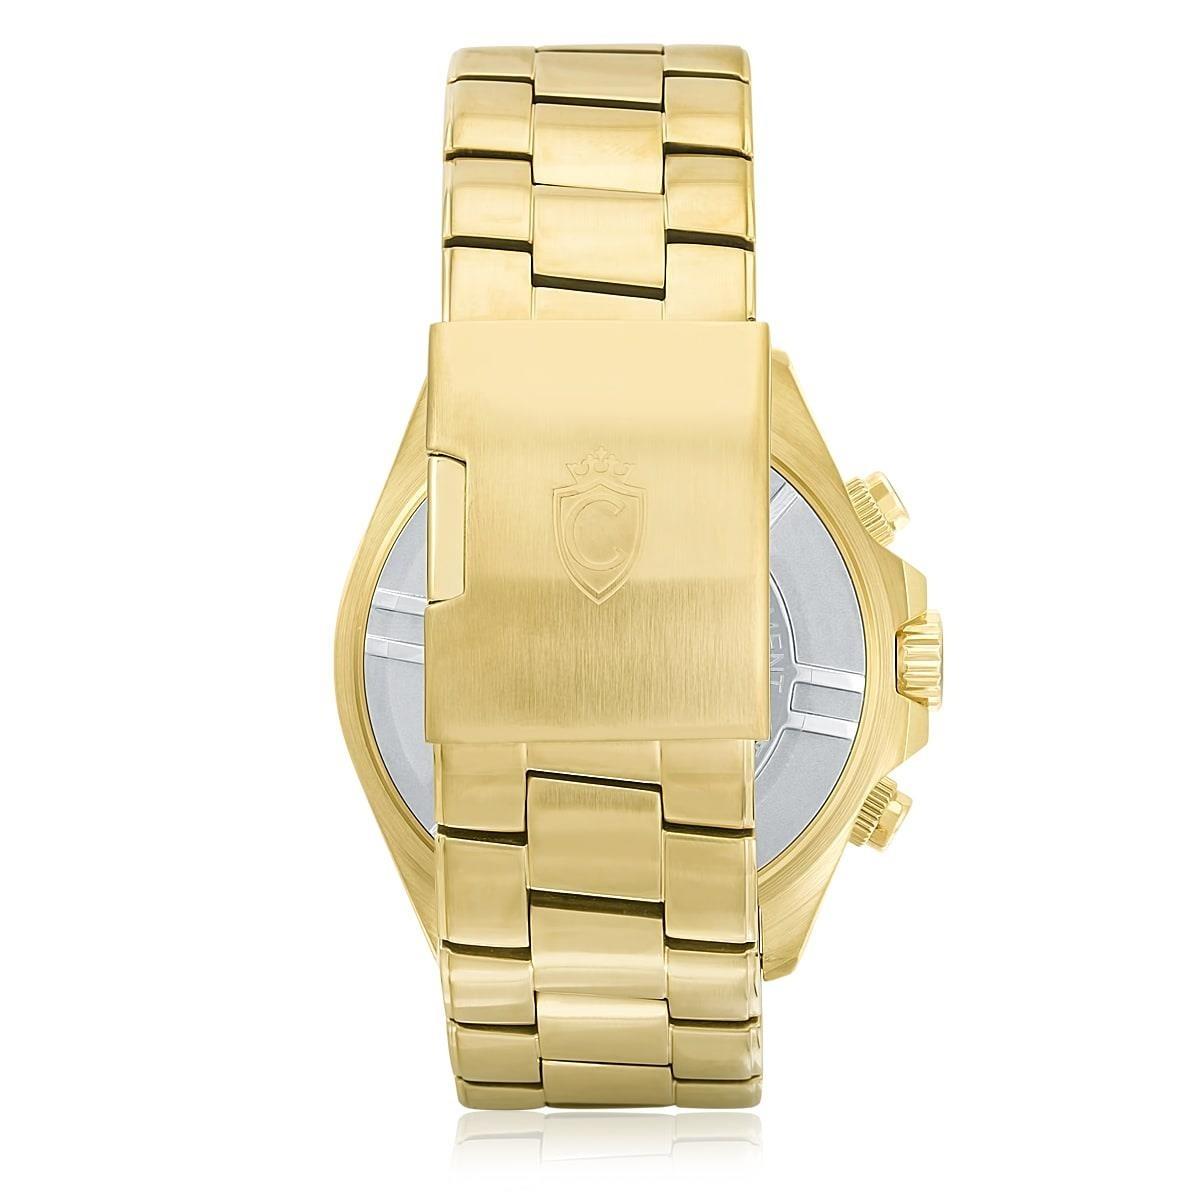 f8e7416fc5b relógio constantim chronograph gold black zw30198u dourado. Carregando zoom.